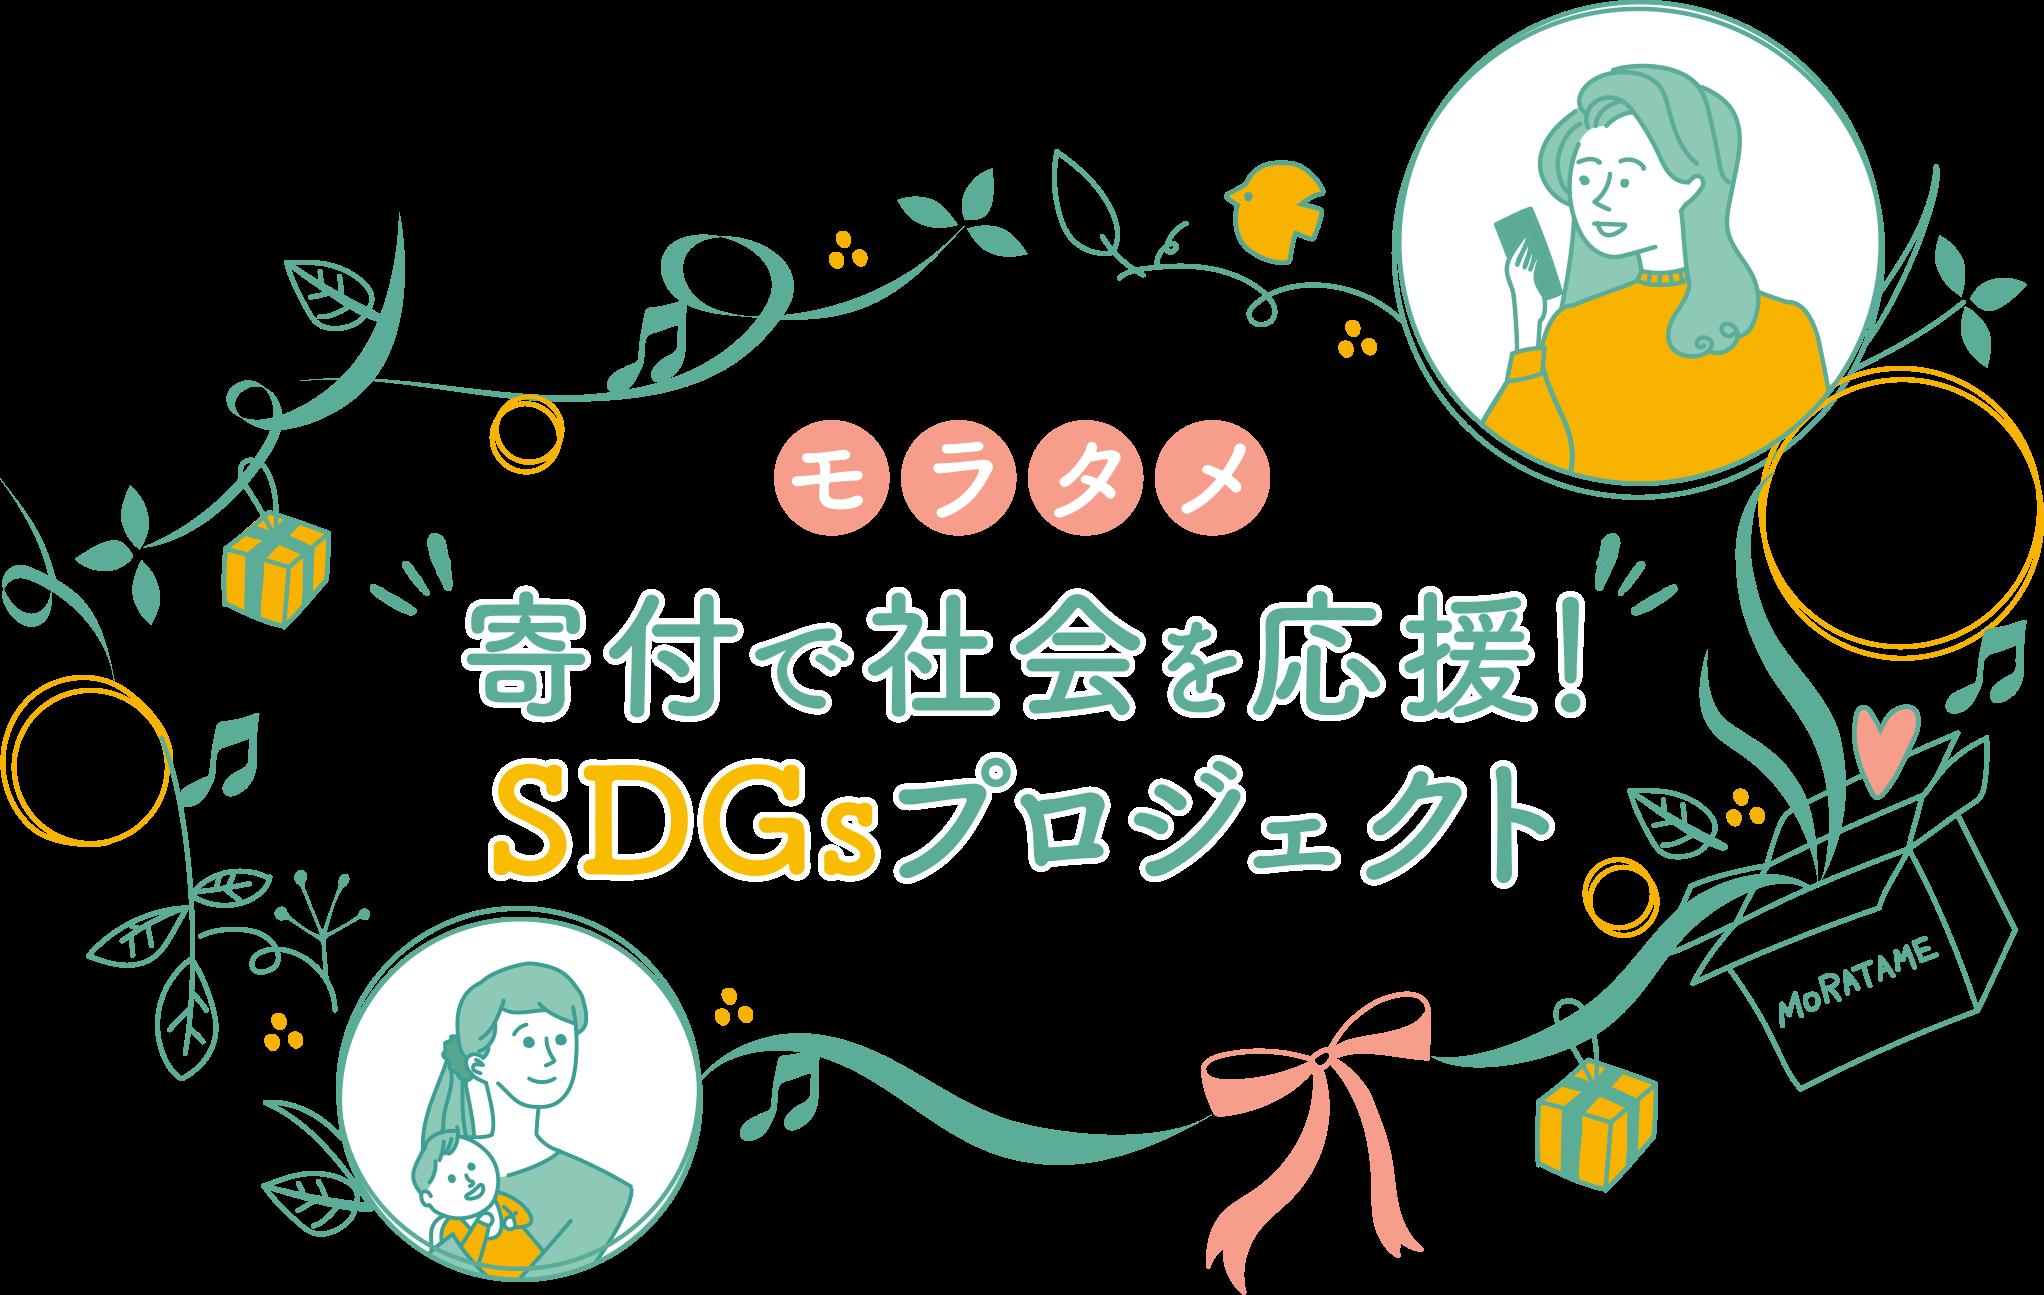 モラタメ 寄付で社会を応援! SDGsプロジェクト